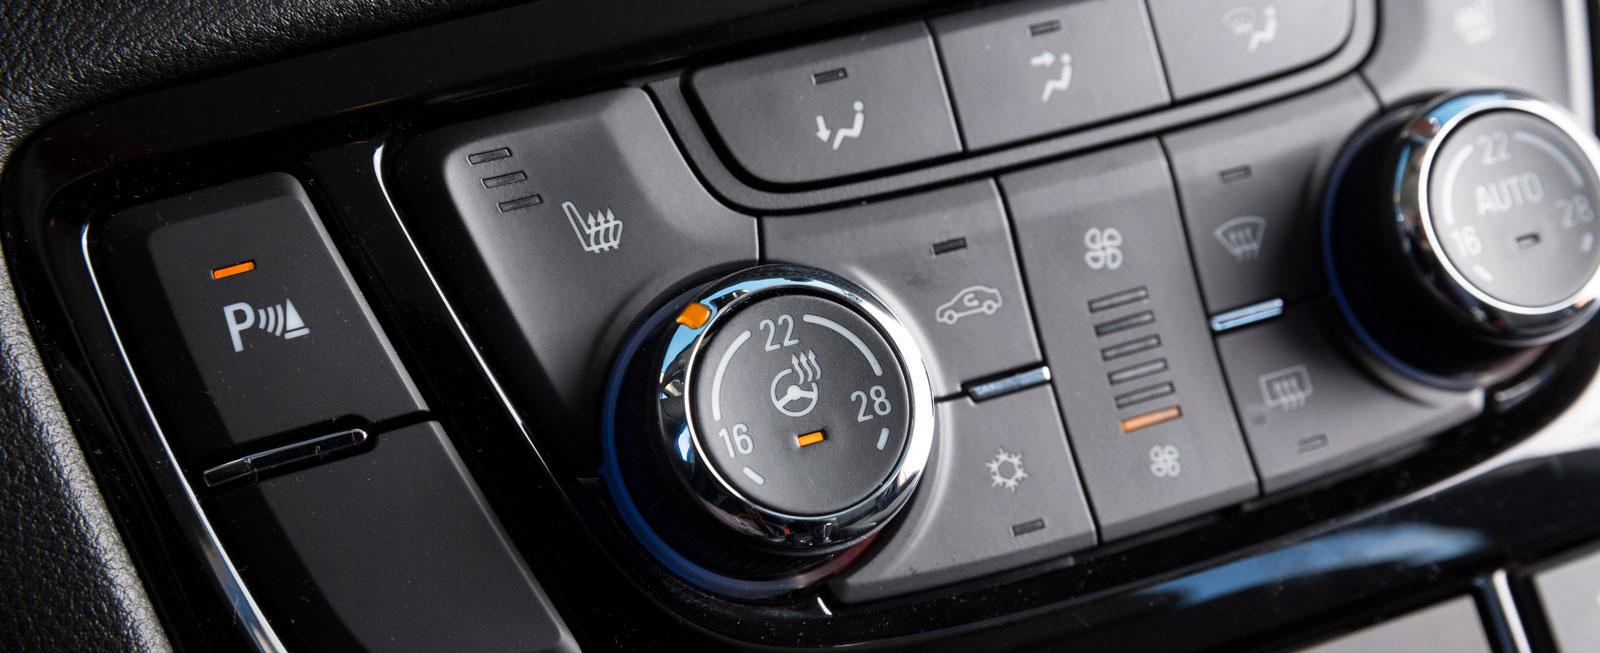 Den nystädade mittpanelen med knappar och vred för klimatanläggningen är ytterst kompakt och lätt att hantera.